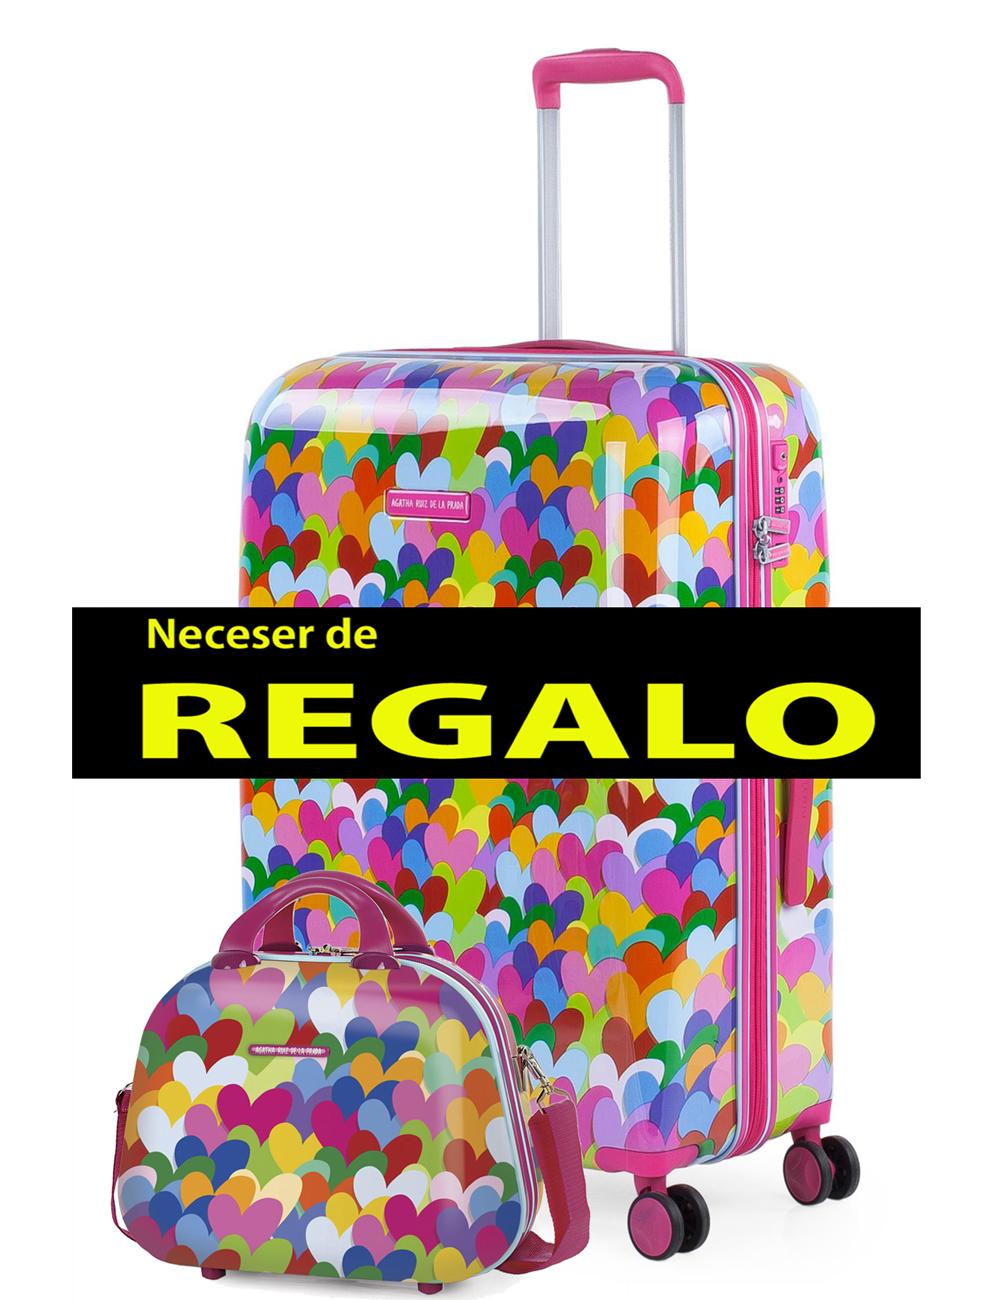 131160 2 Maleta Mediana Agatha Ruiz de la Prada Corazones Colores